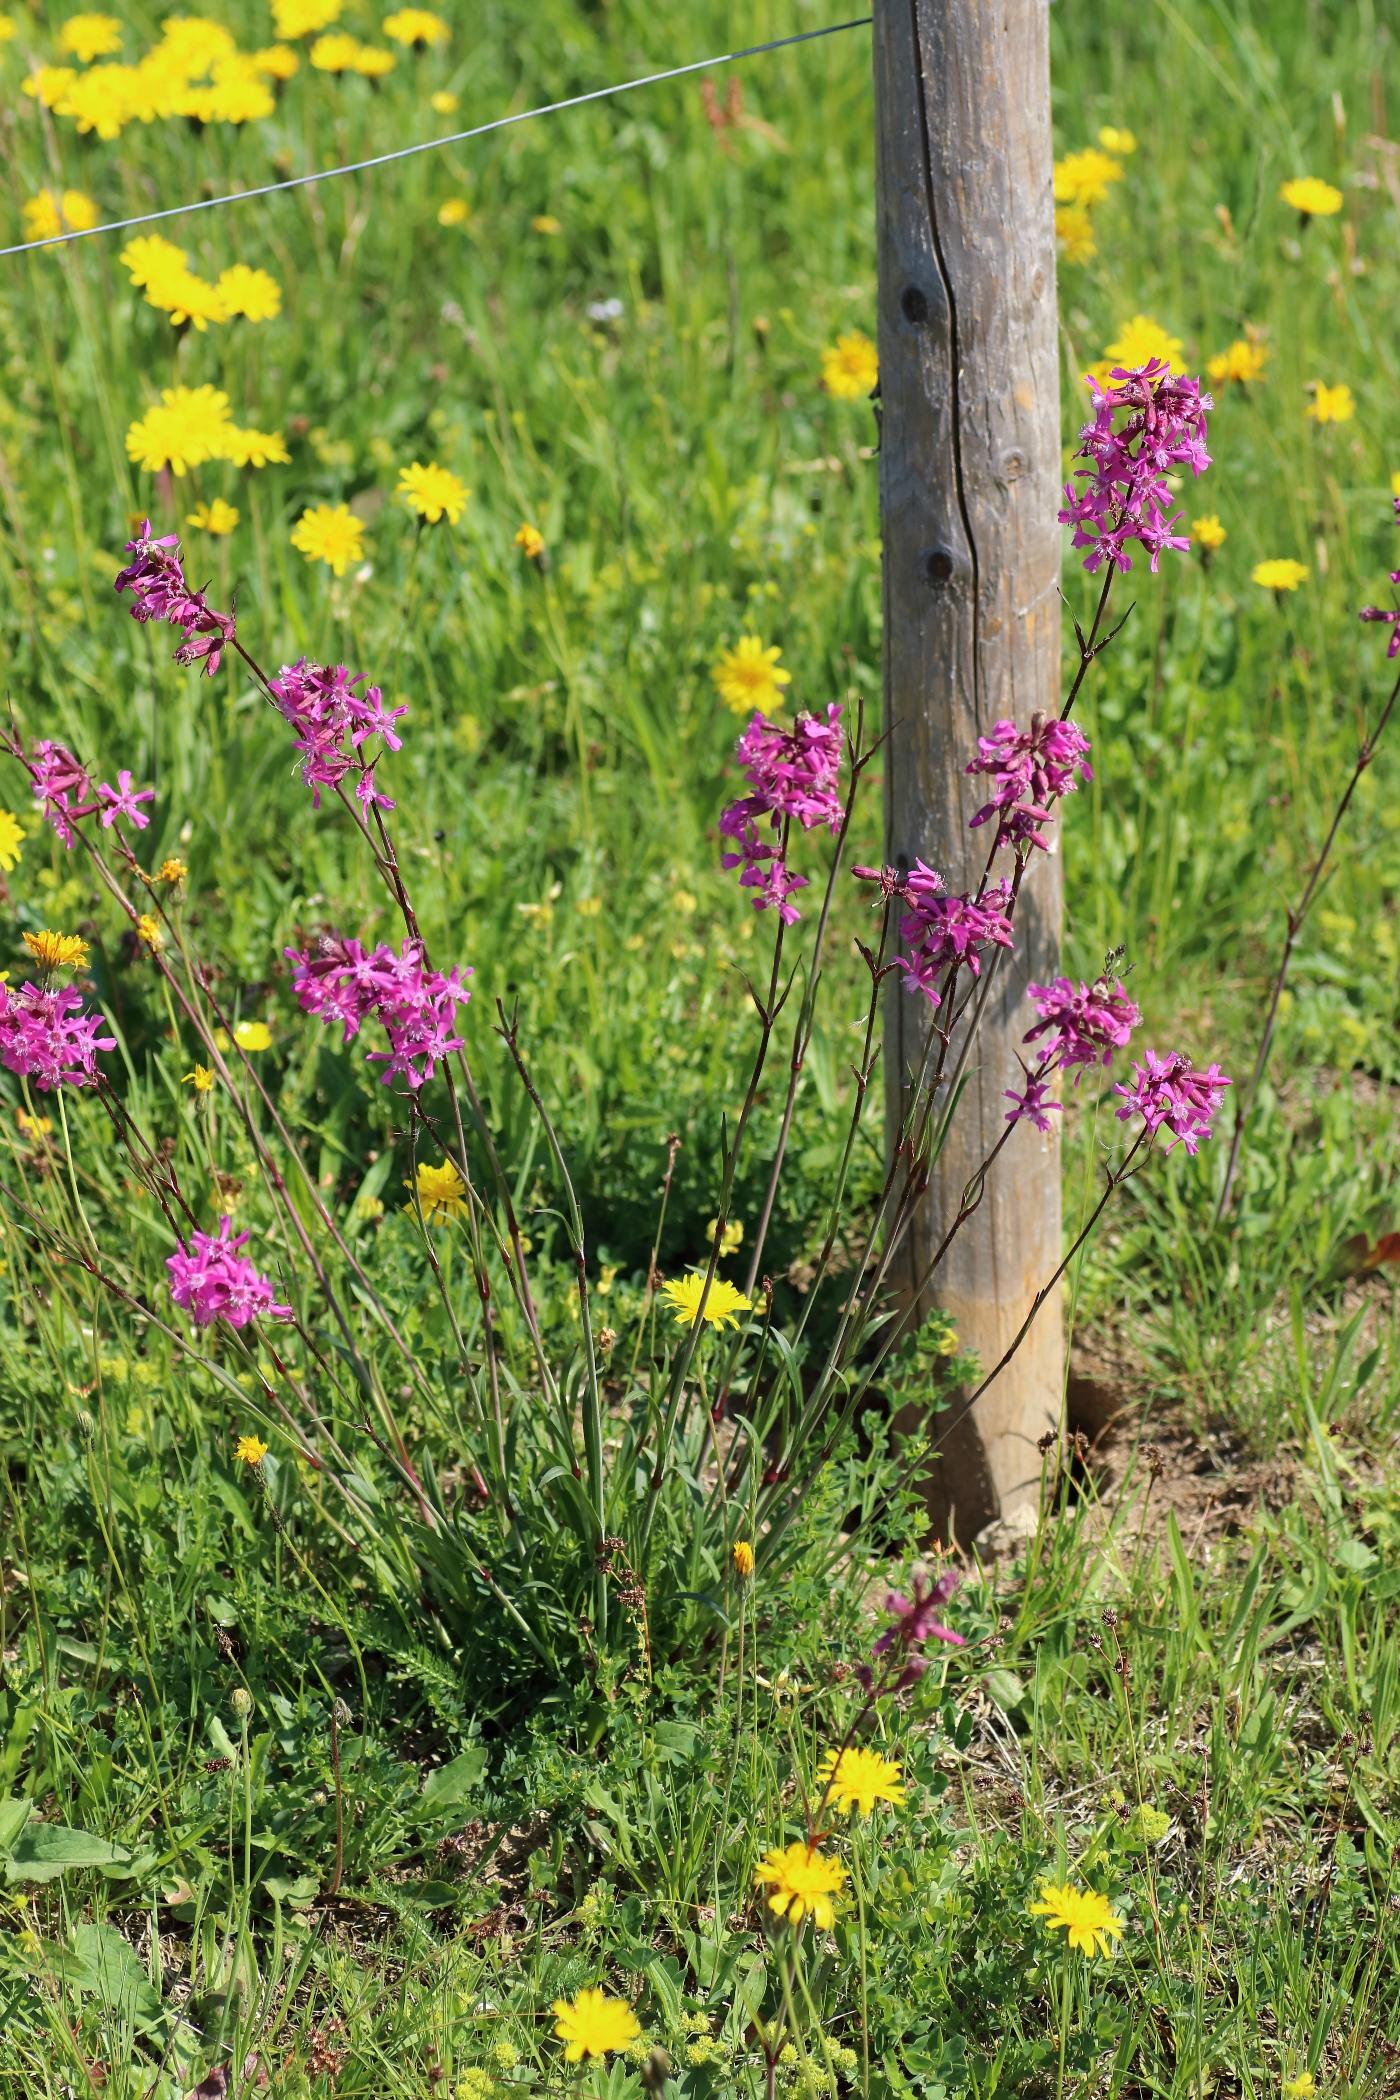 Pechnelke - Gesamte Pflanze